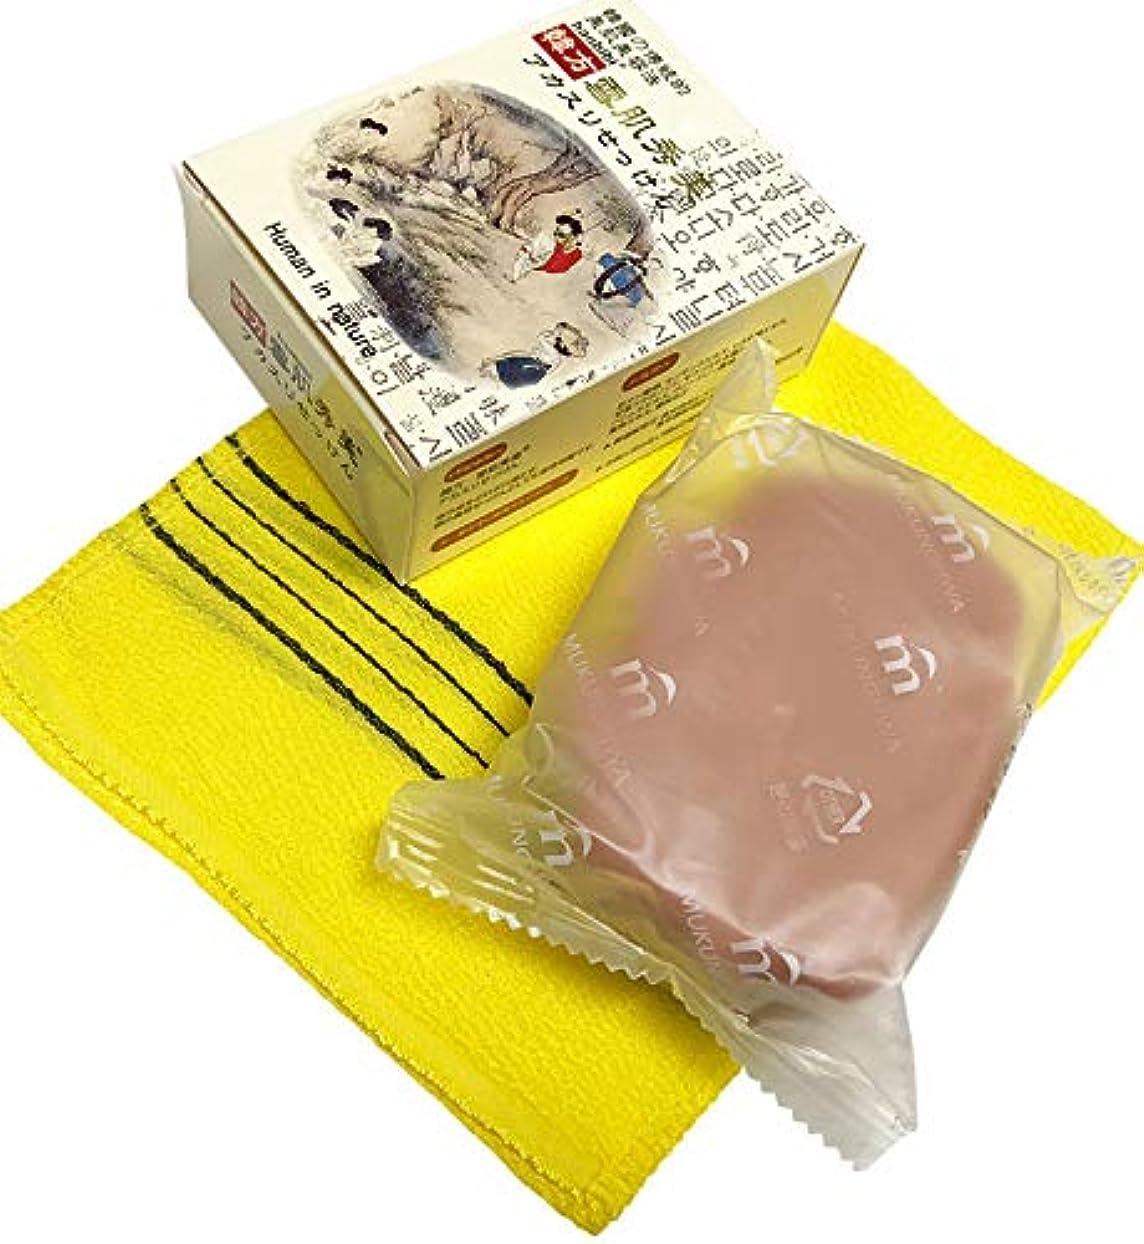 懐疑論切る磁石顔、体兼用、蜂蜜香りの韓方石ケン、韓国コスメ 韓方[雪肌美]蜂蜜アカスリせっけん アカスリ専用タオル付き